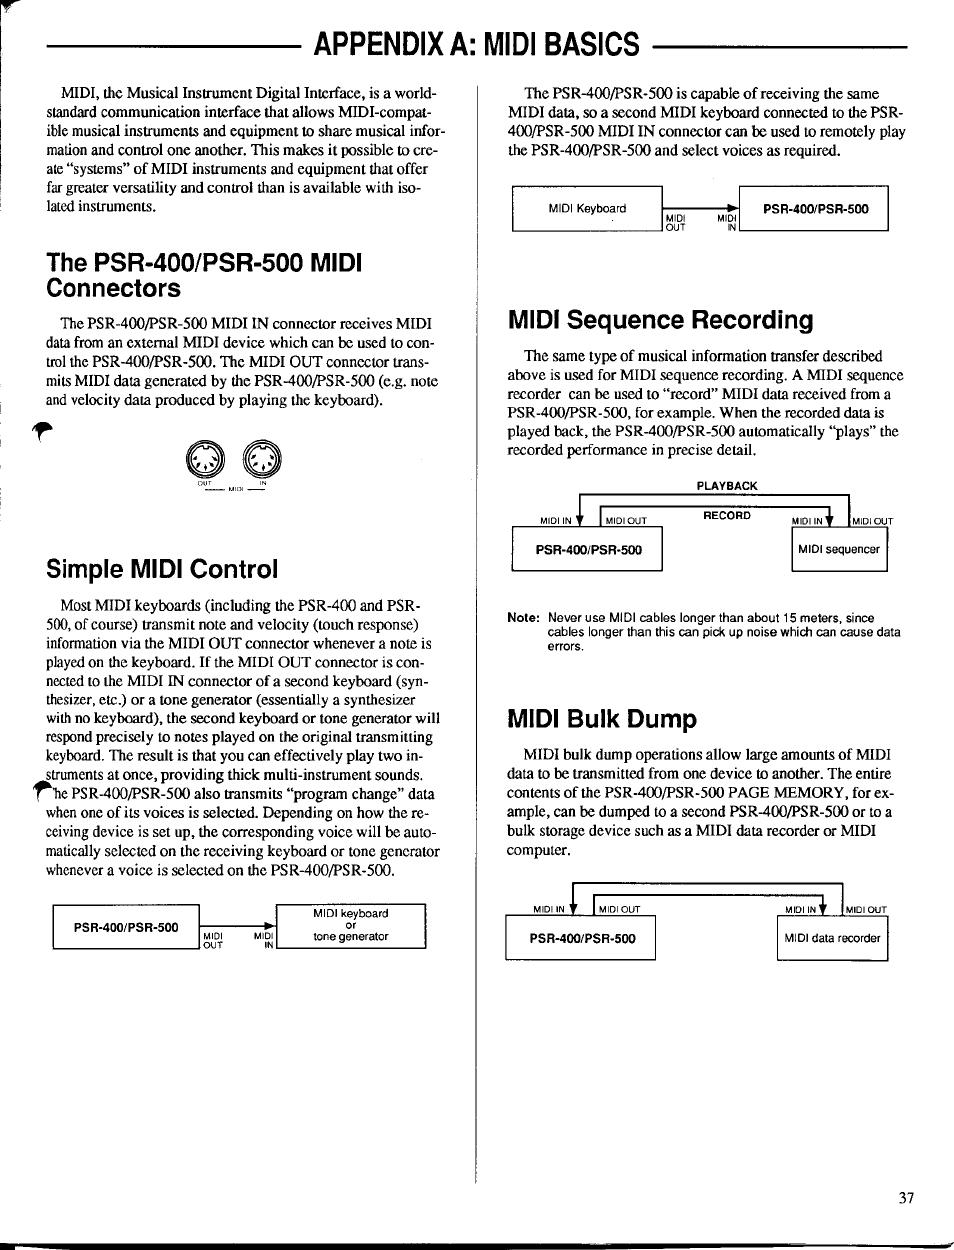 The psr-400/psr-500 midi connectors, Simple midi control, Midi